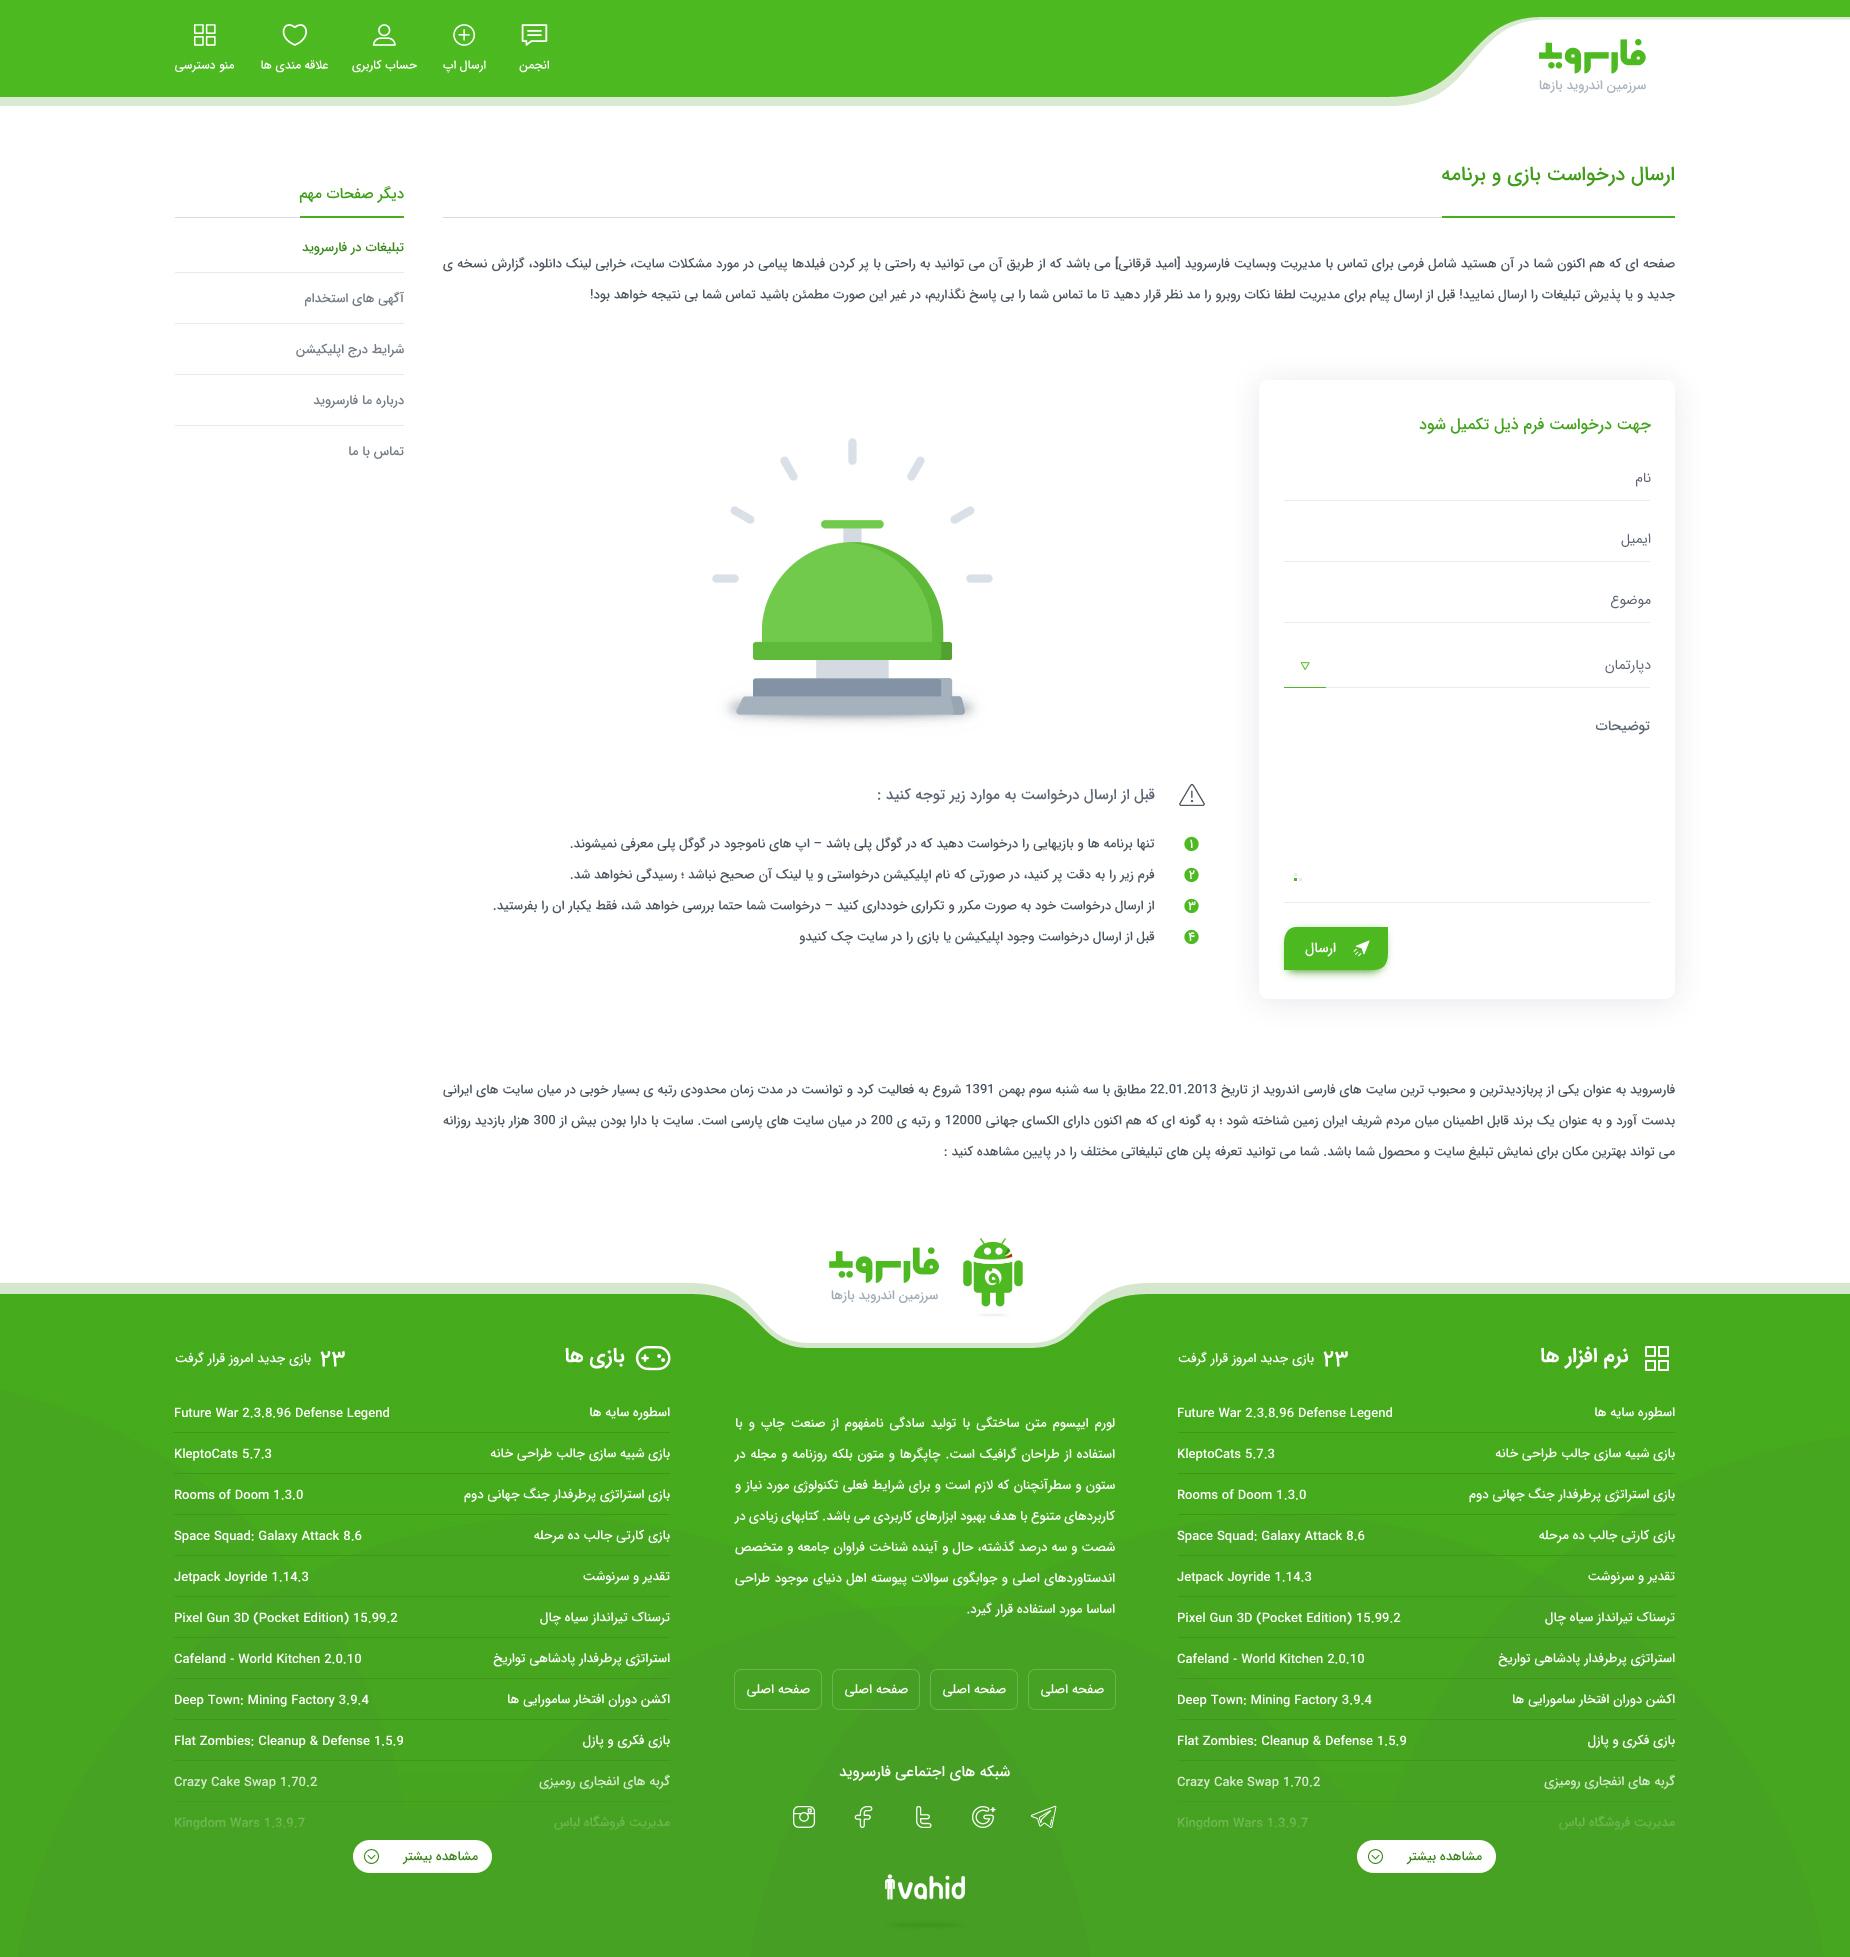 صفحه ارسال درخواست